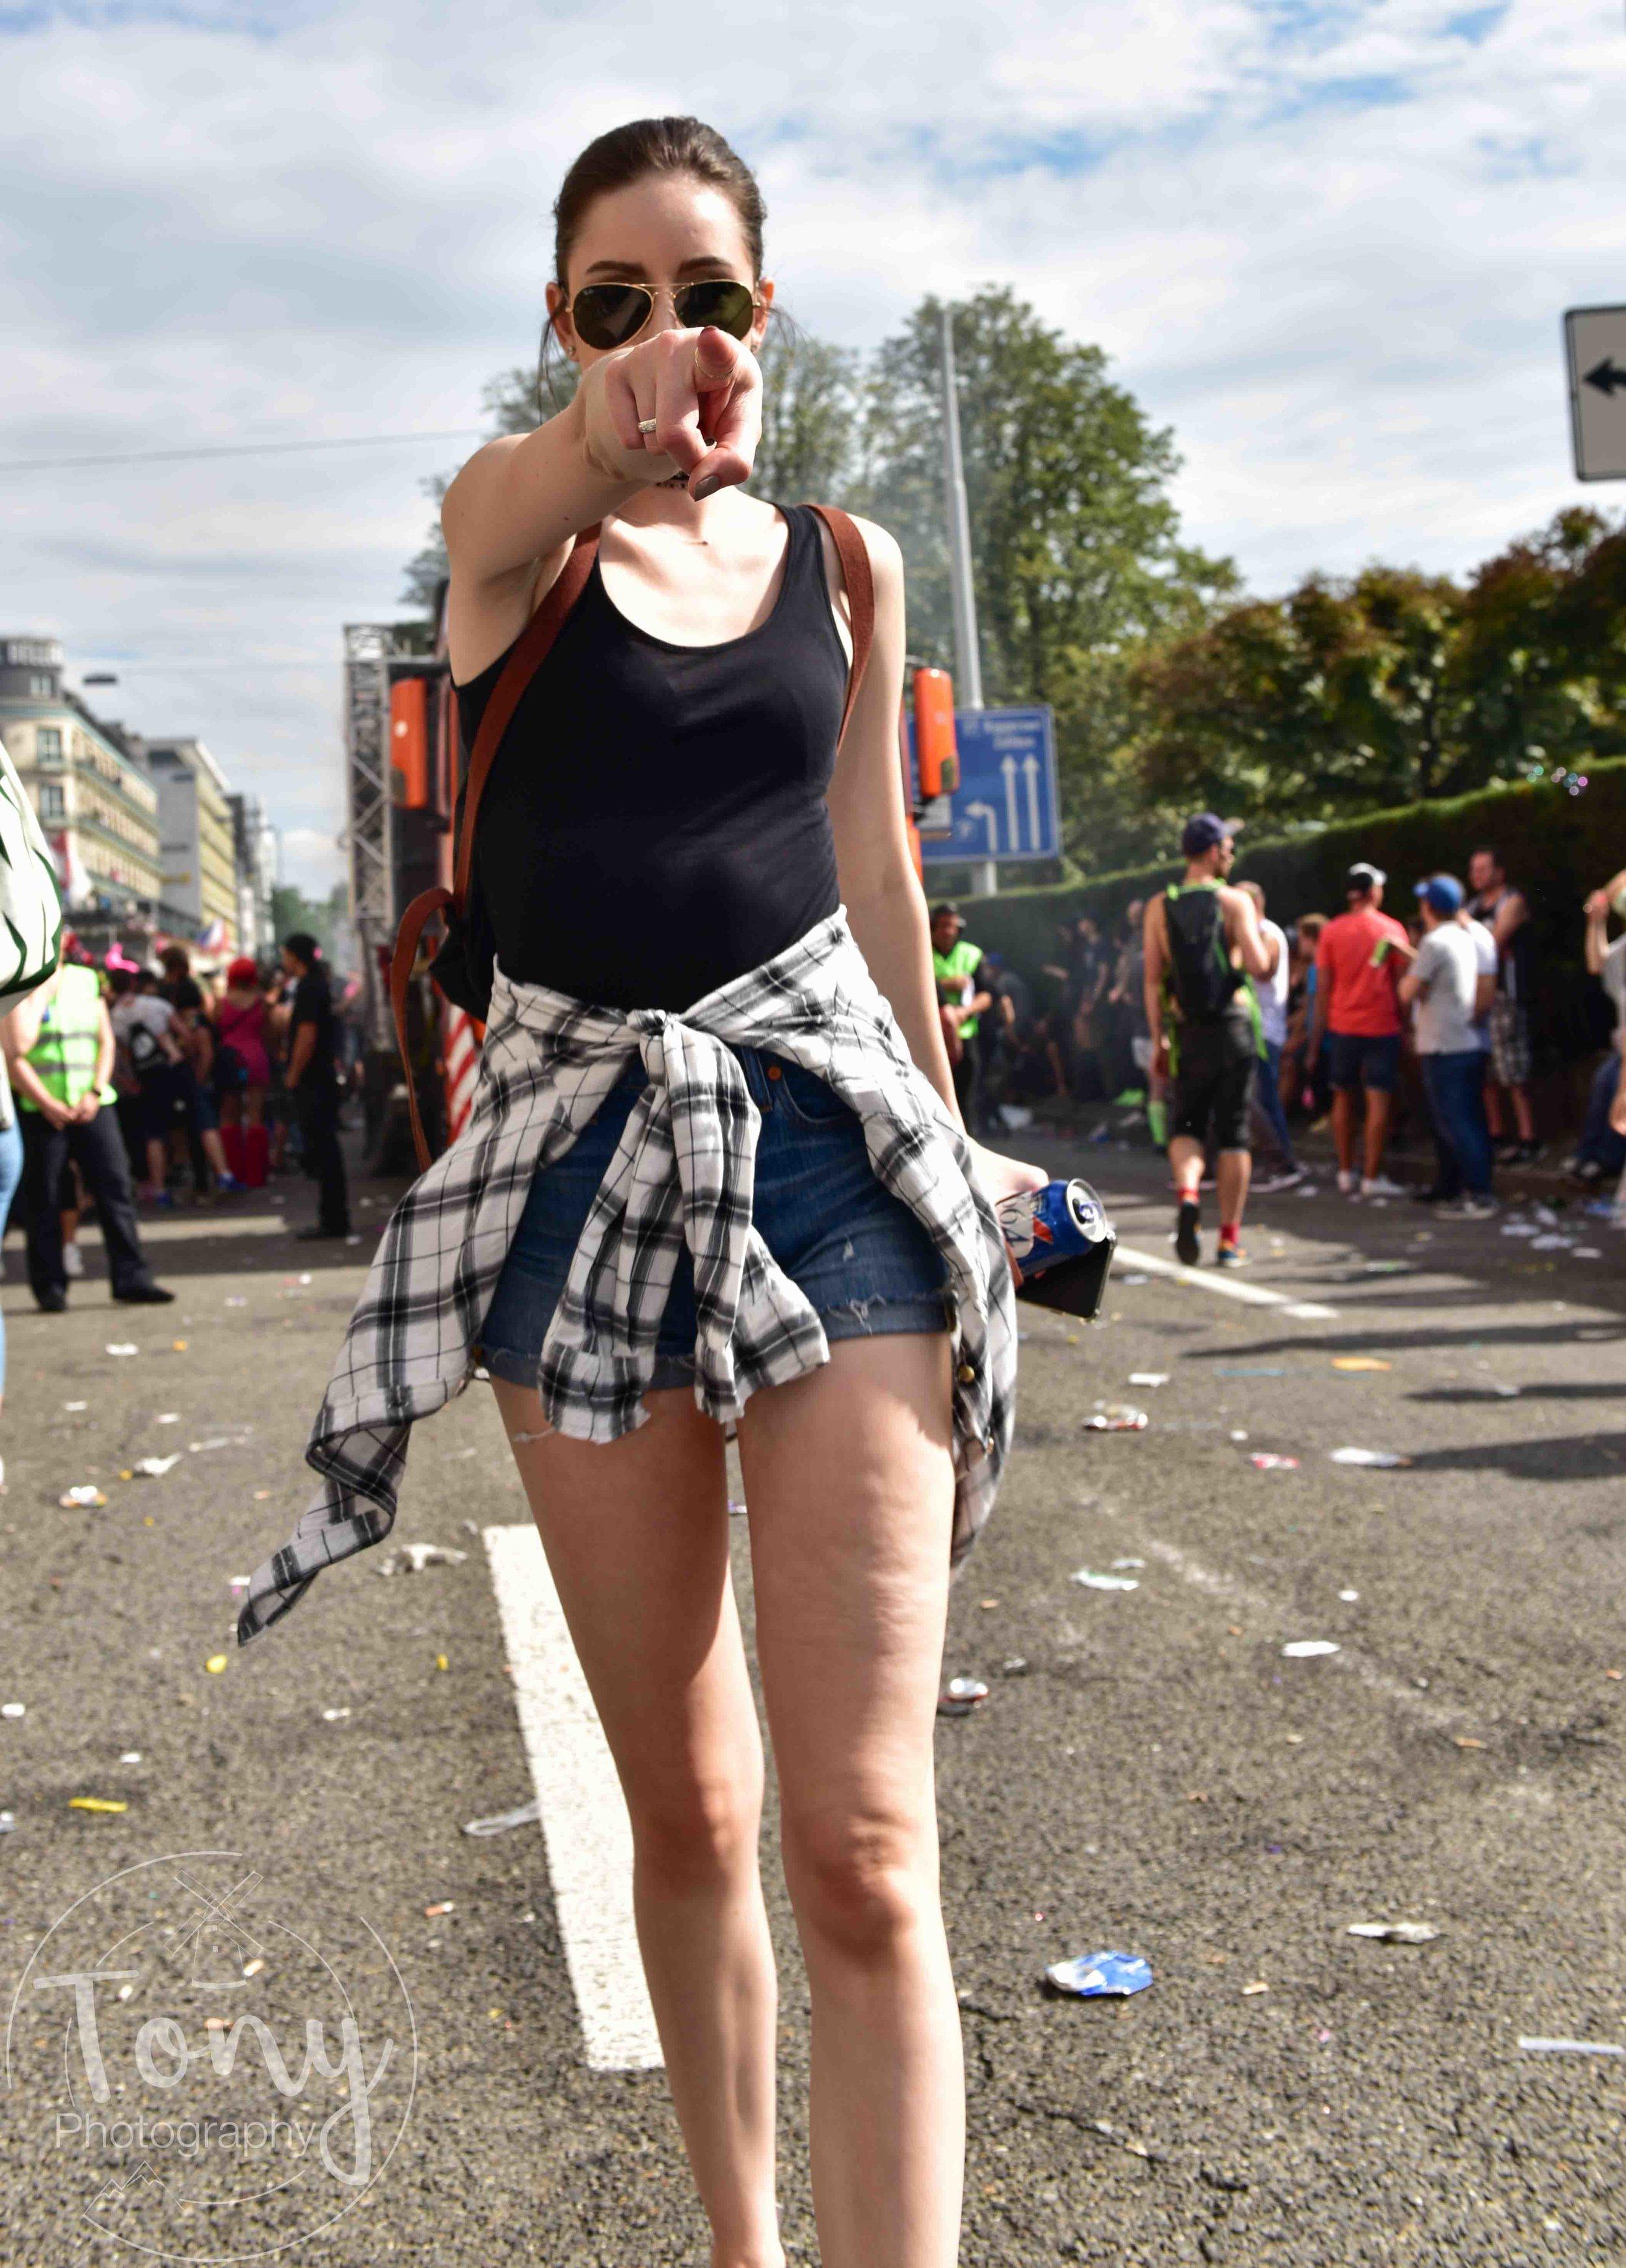 streetparade-165.jpg